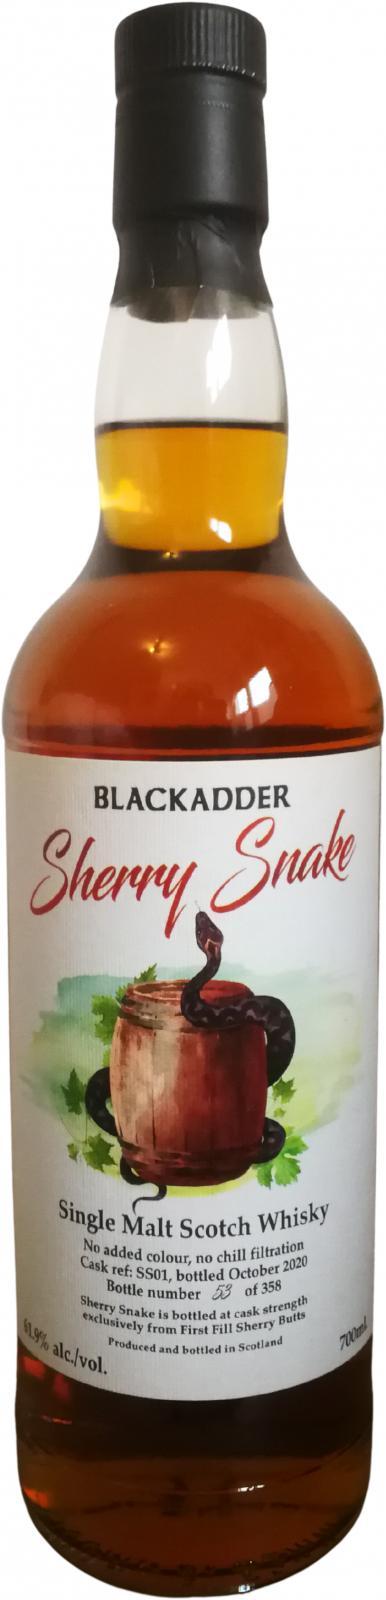 Single Malt Scotch Whisky Sherry Snake BA